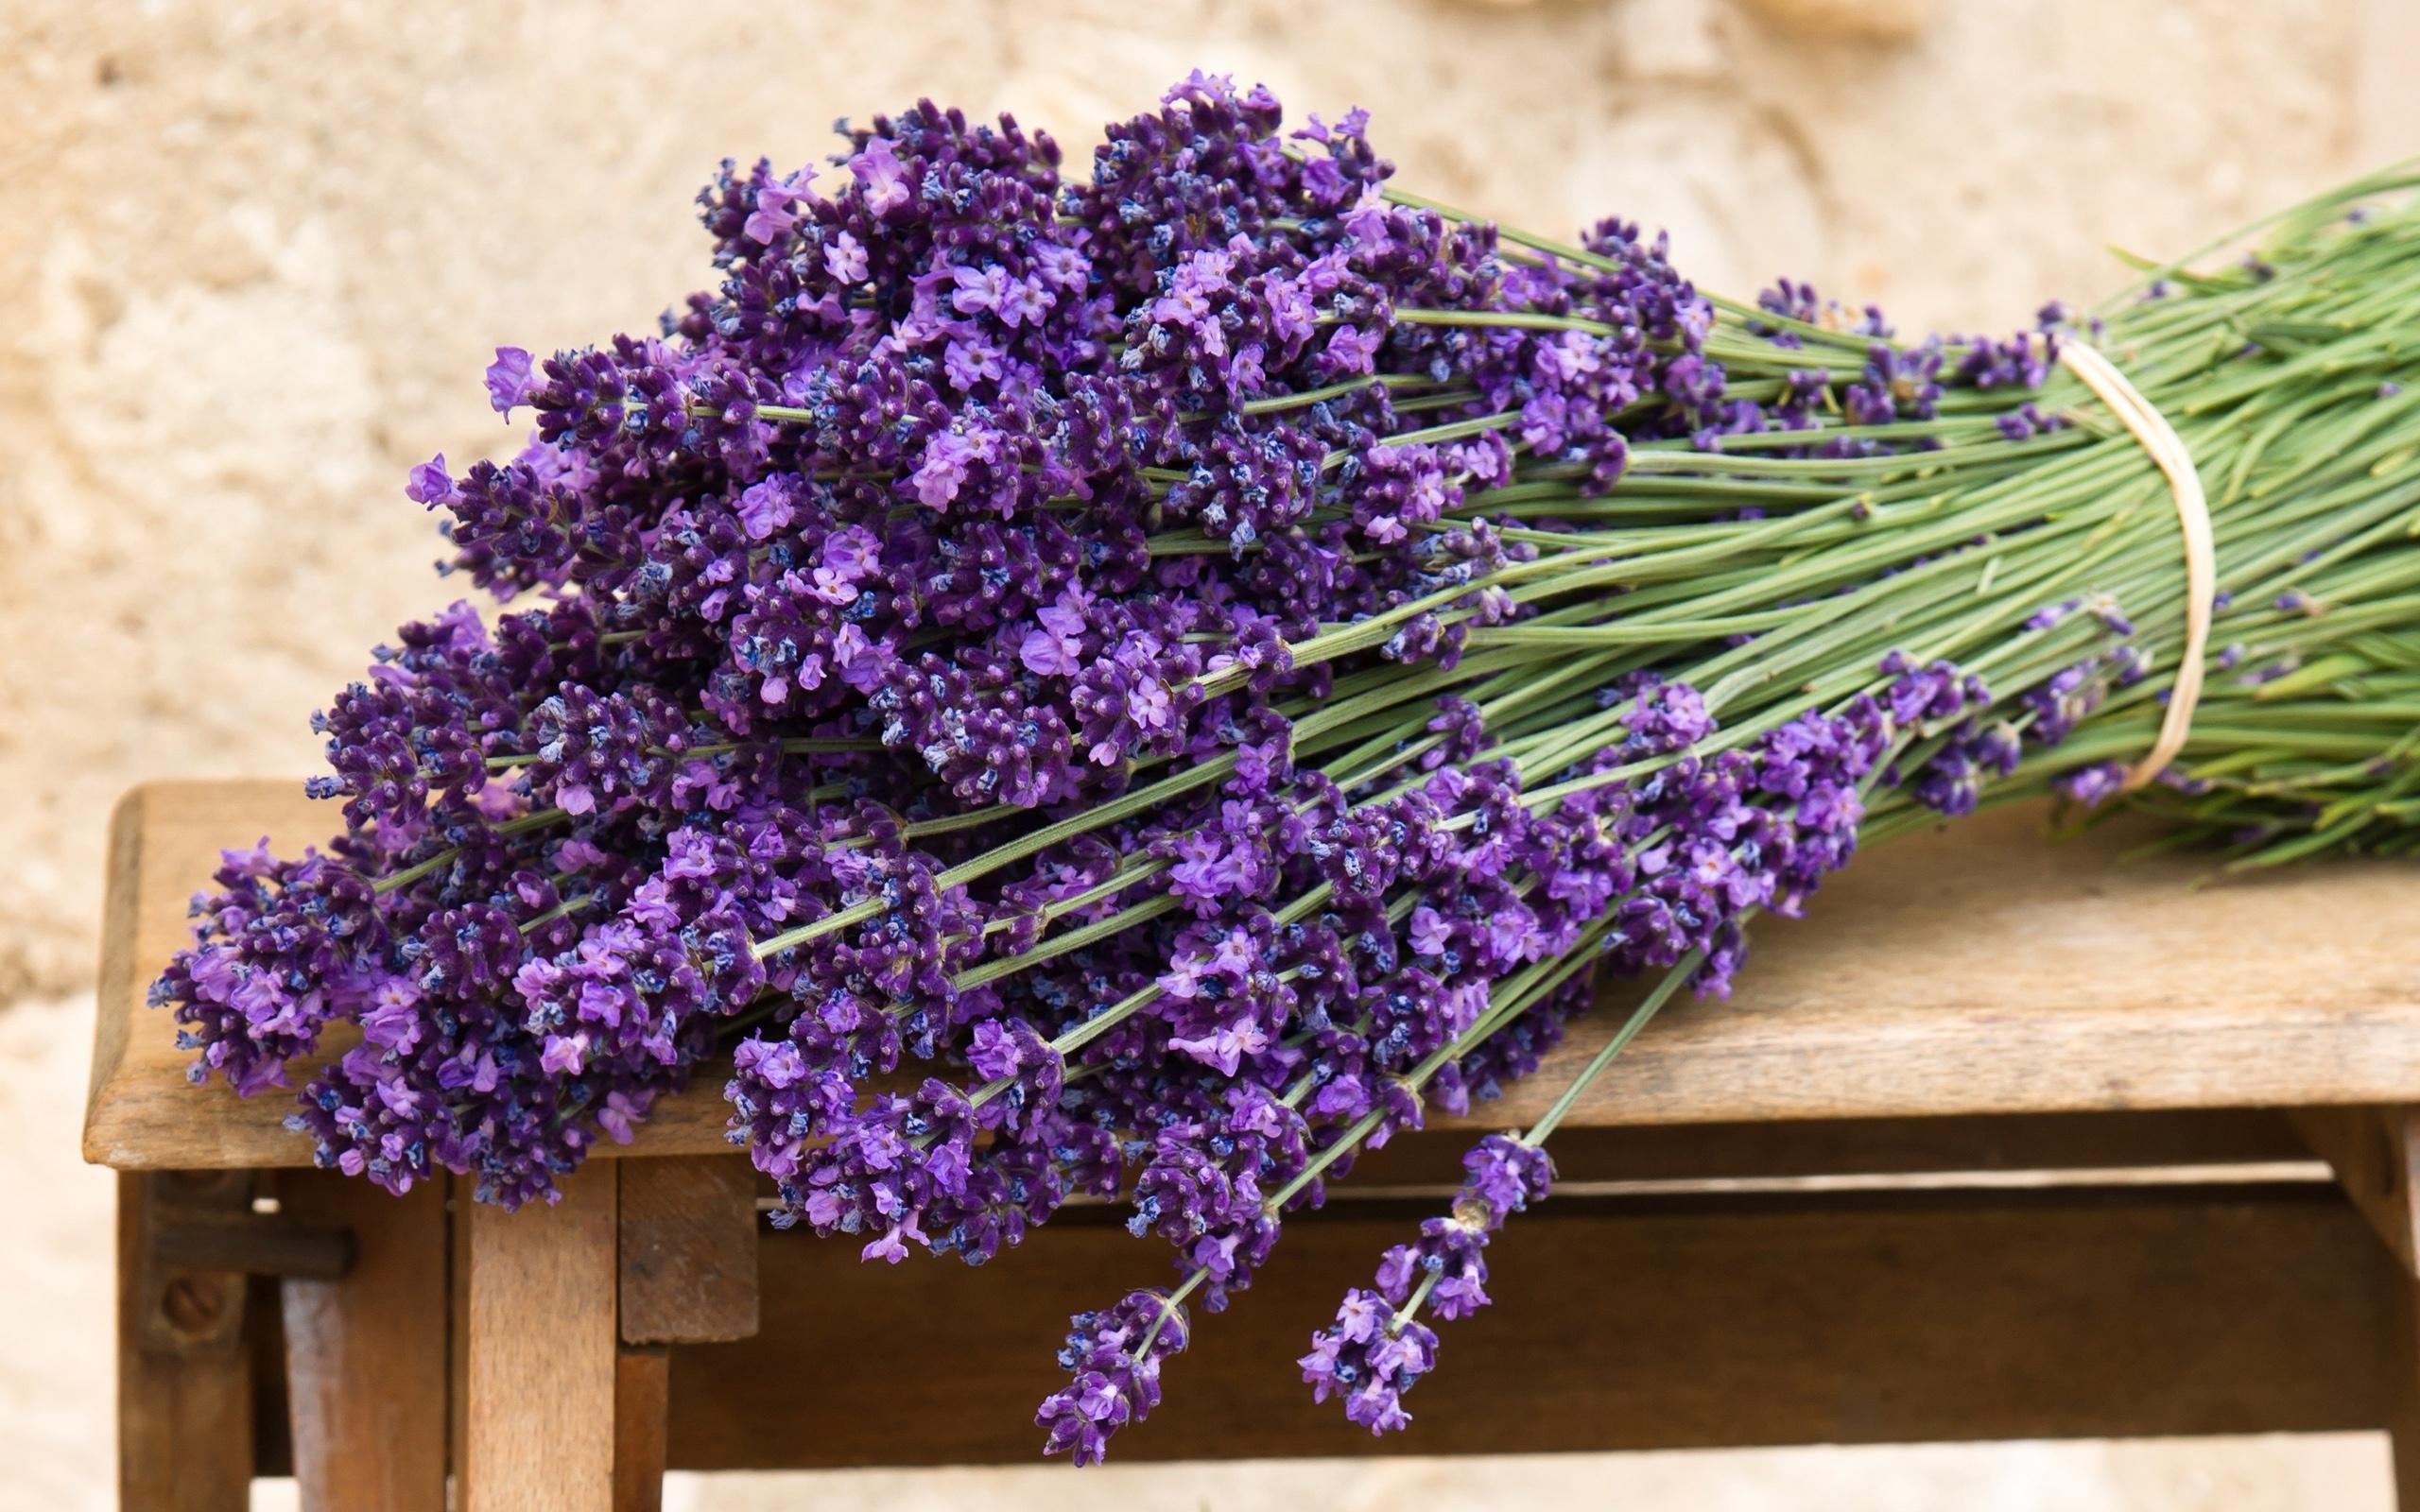 Download 300+ Wallpaper Bunga Lavender HD Paling Baru